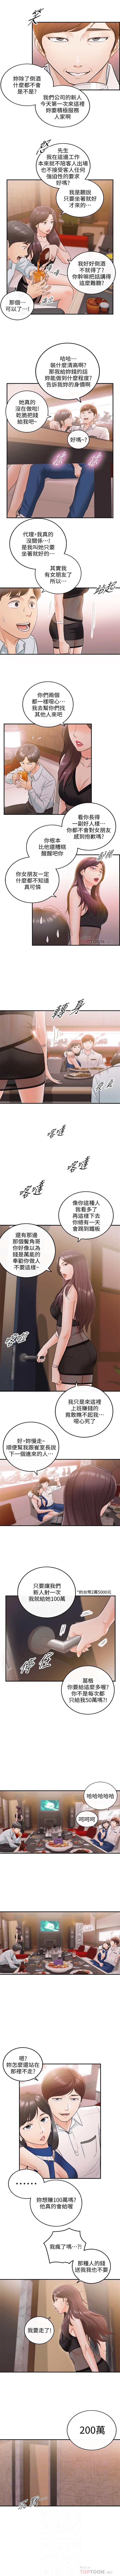 (週5)正妹小主管 1-39 中文翻譯(更新中) 110